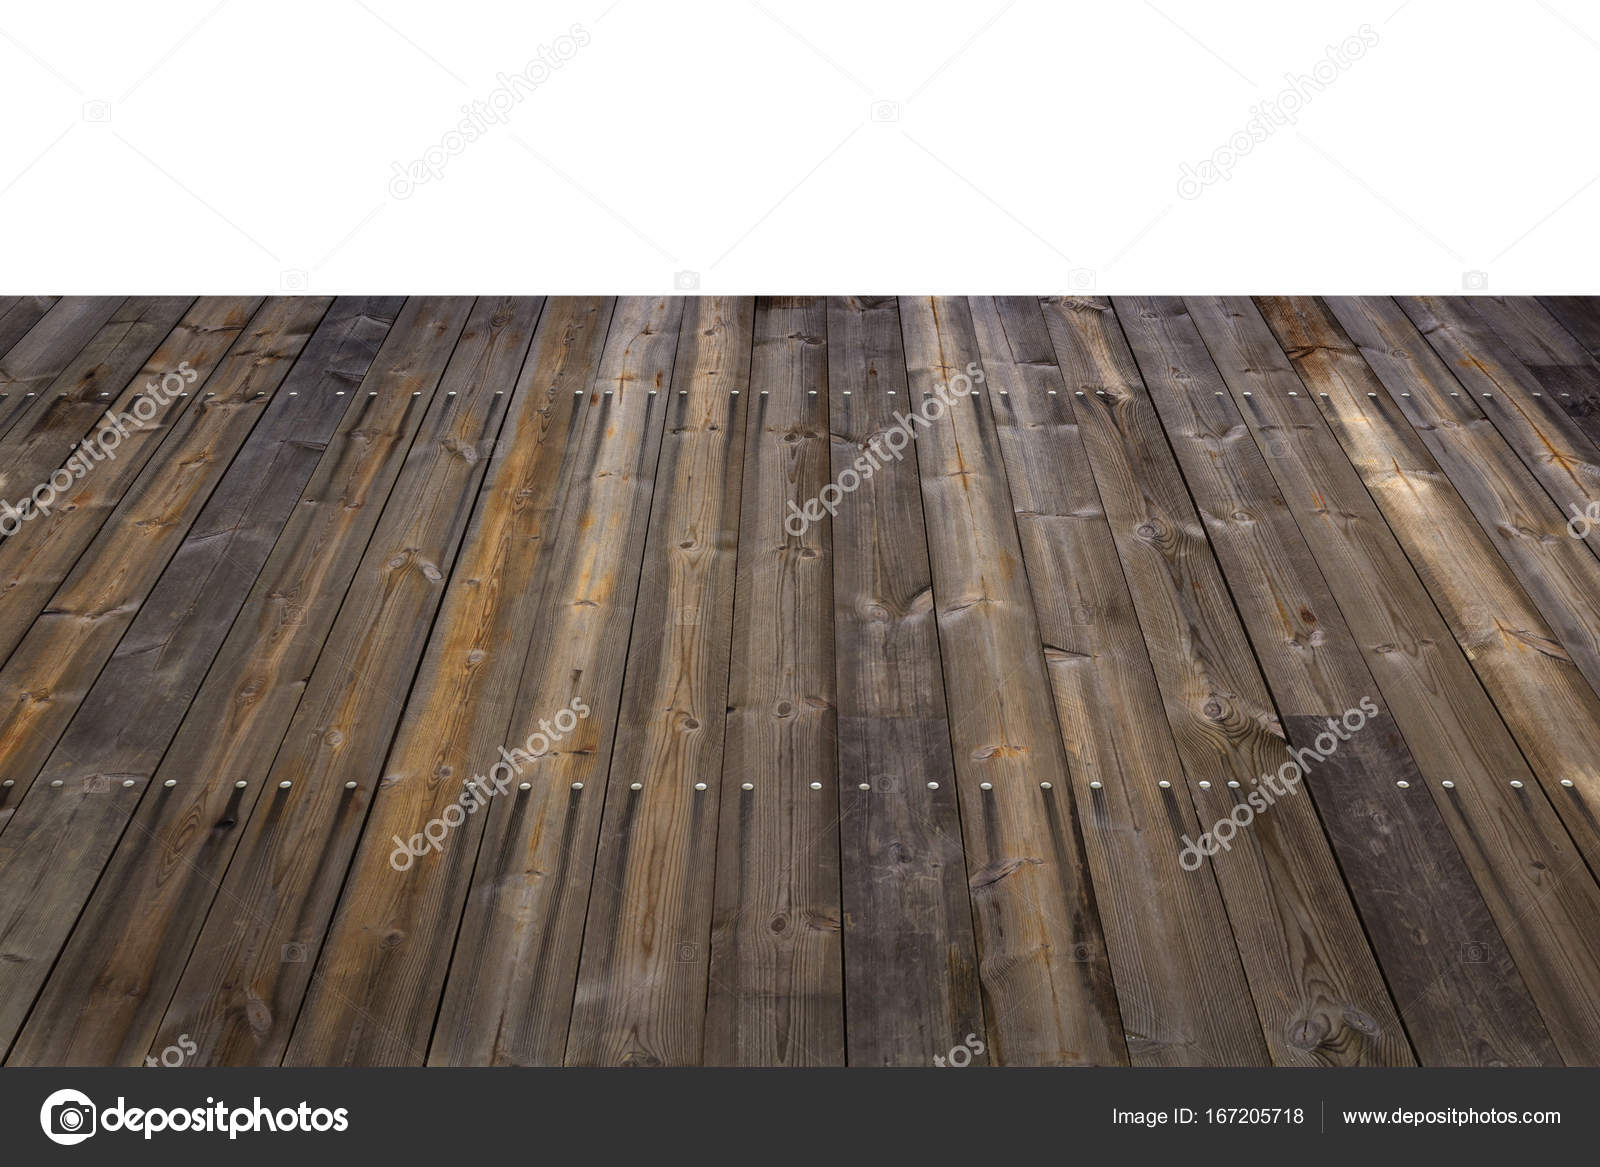 Fußboden Holz ~ Fußboden aus holz isoliert auf weißem hintergrund u2014 stockfoto